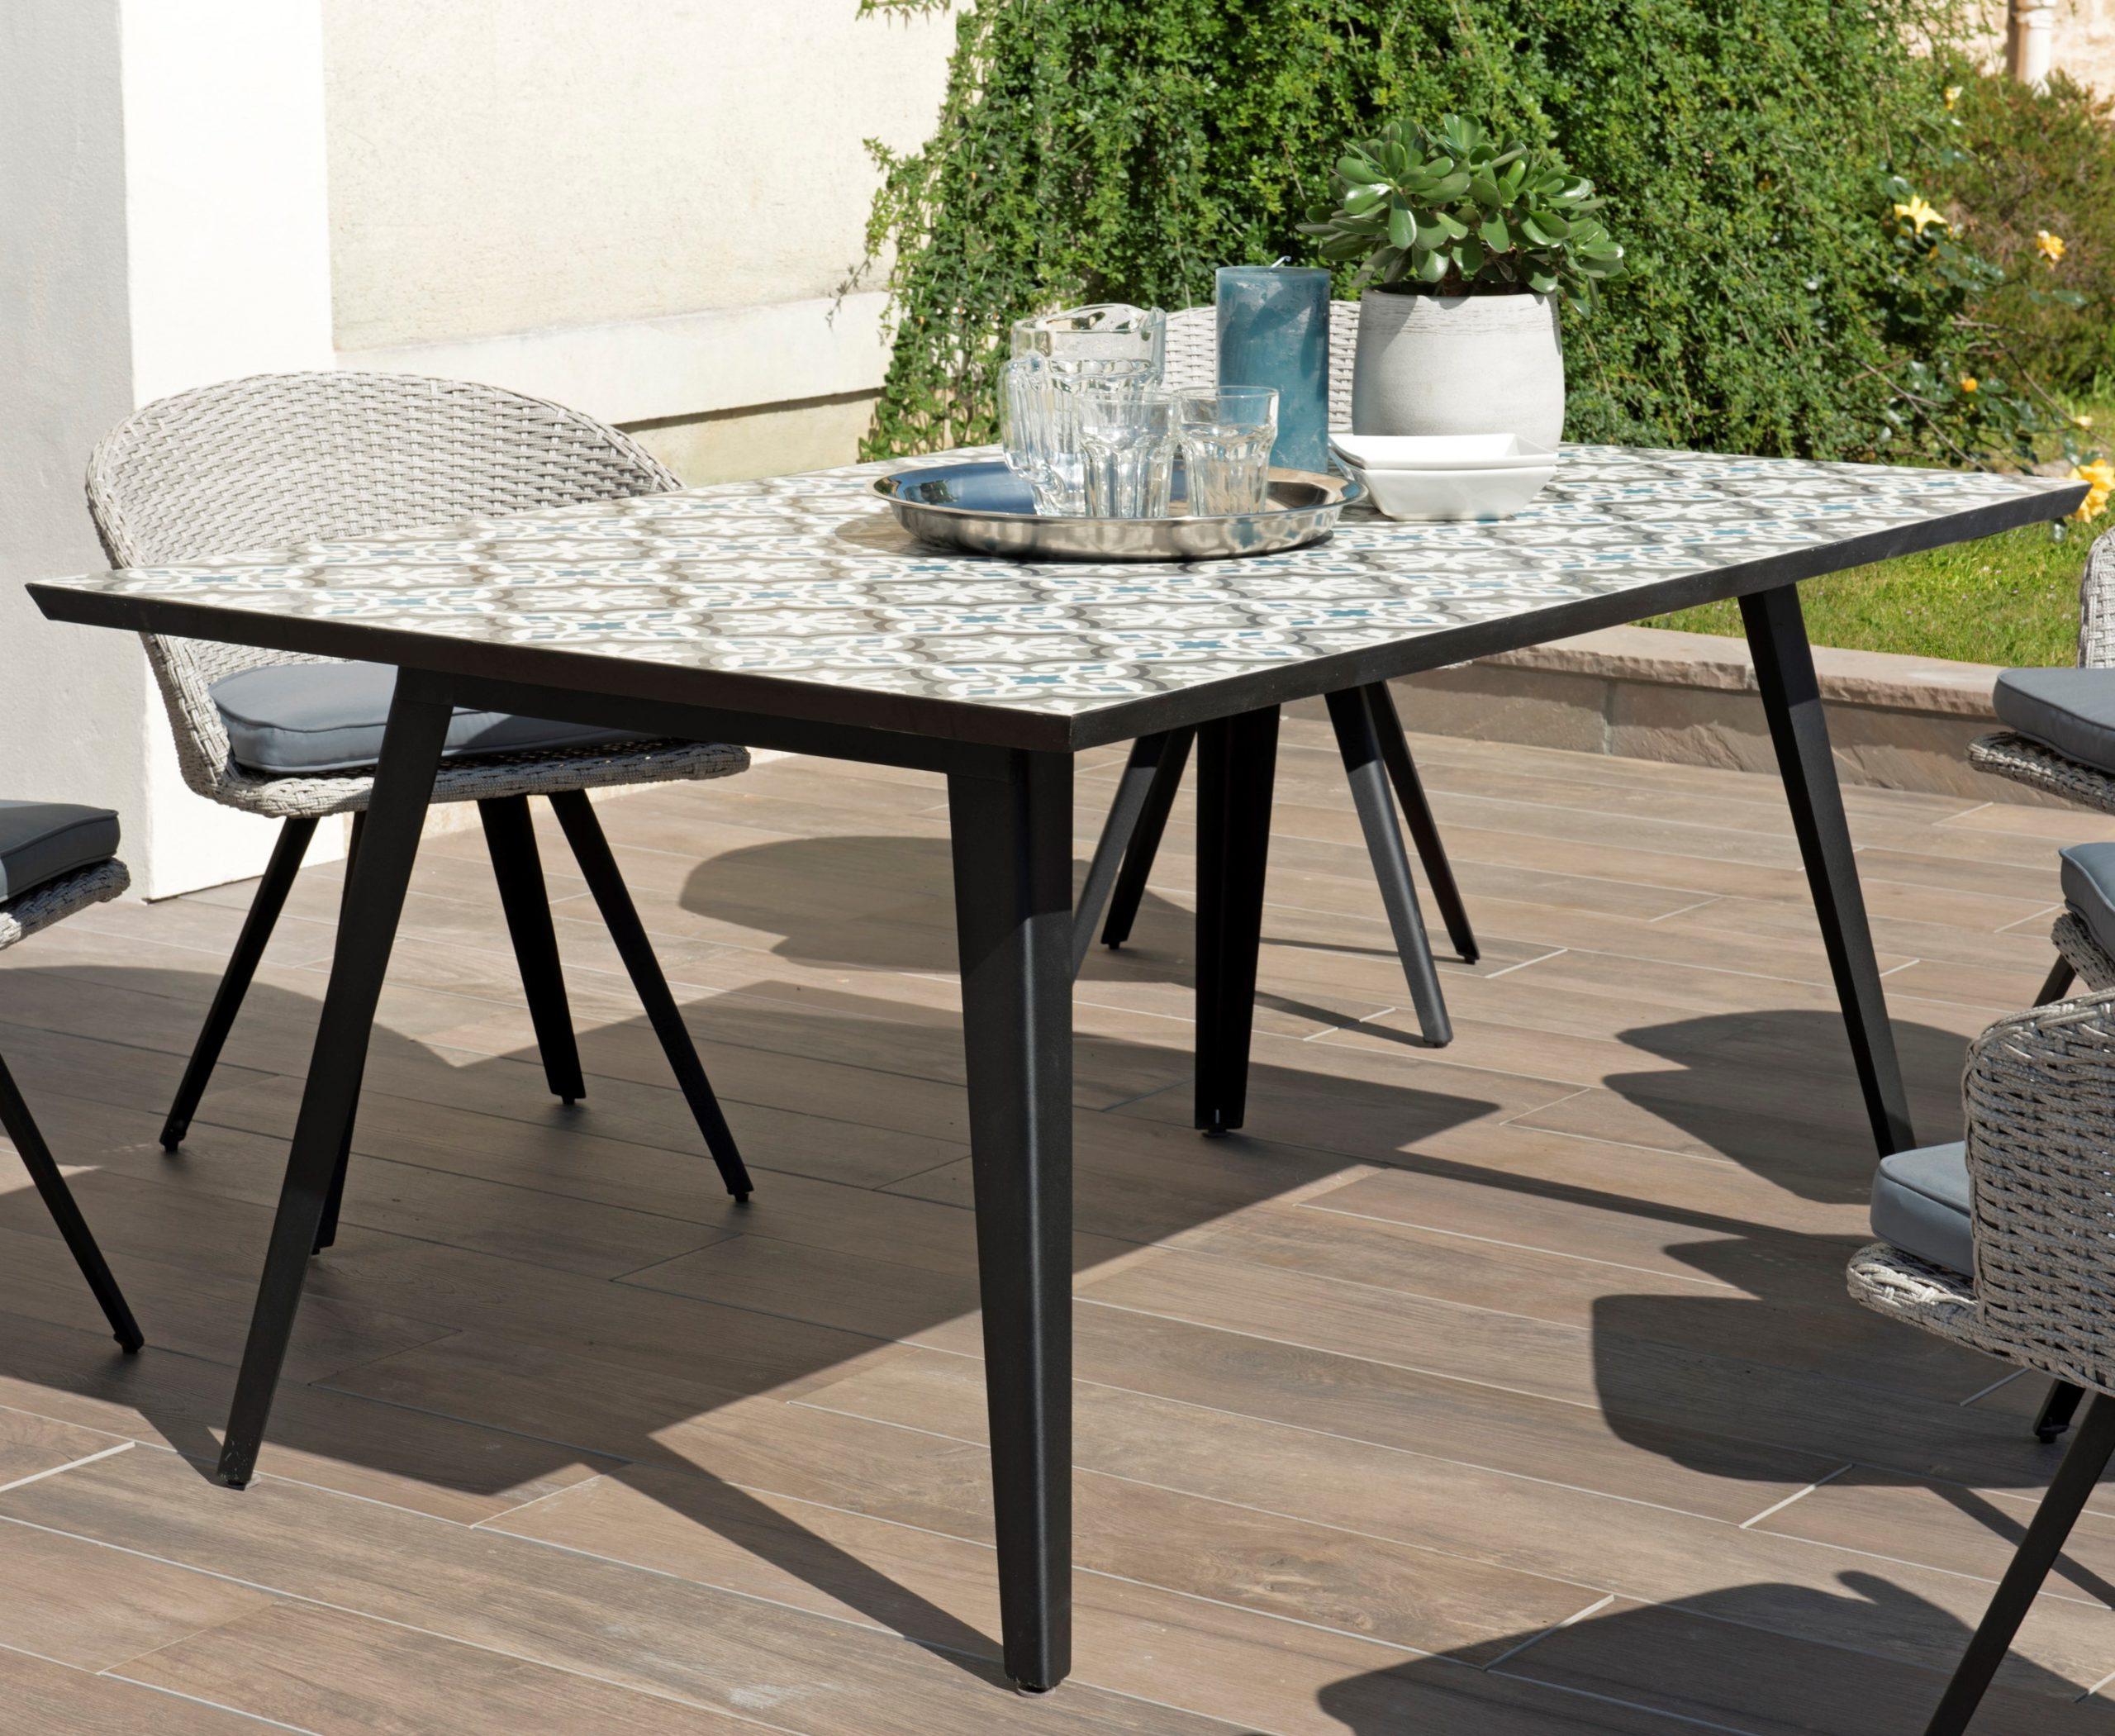 Table De Jardin 6 Personnes Carreaux De Ciment 162X102 Summer destiné Table De Jardin En Ciment